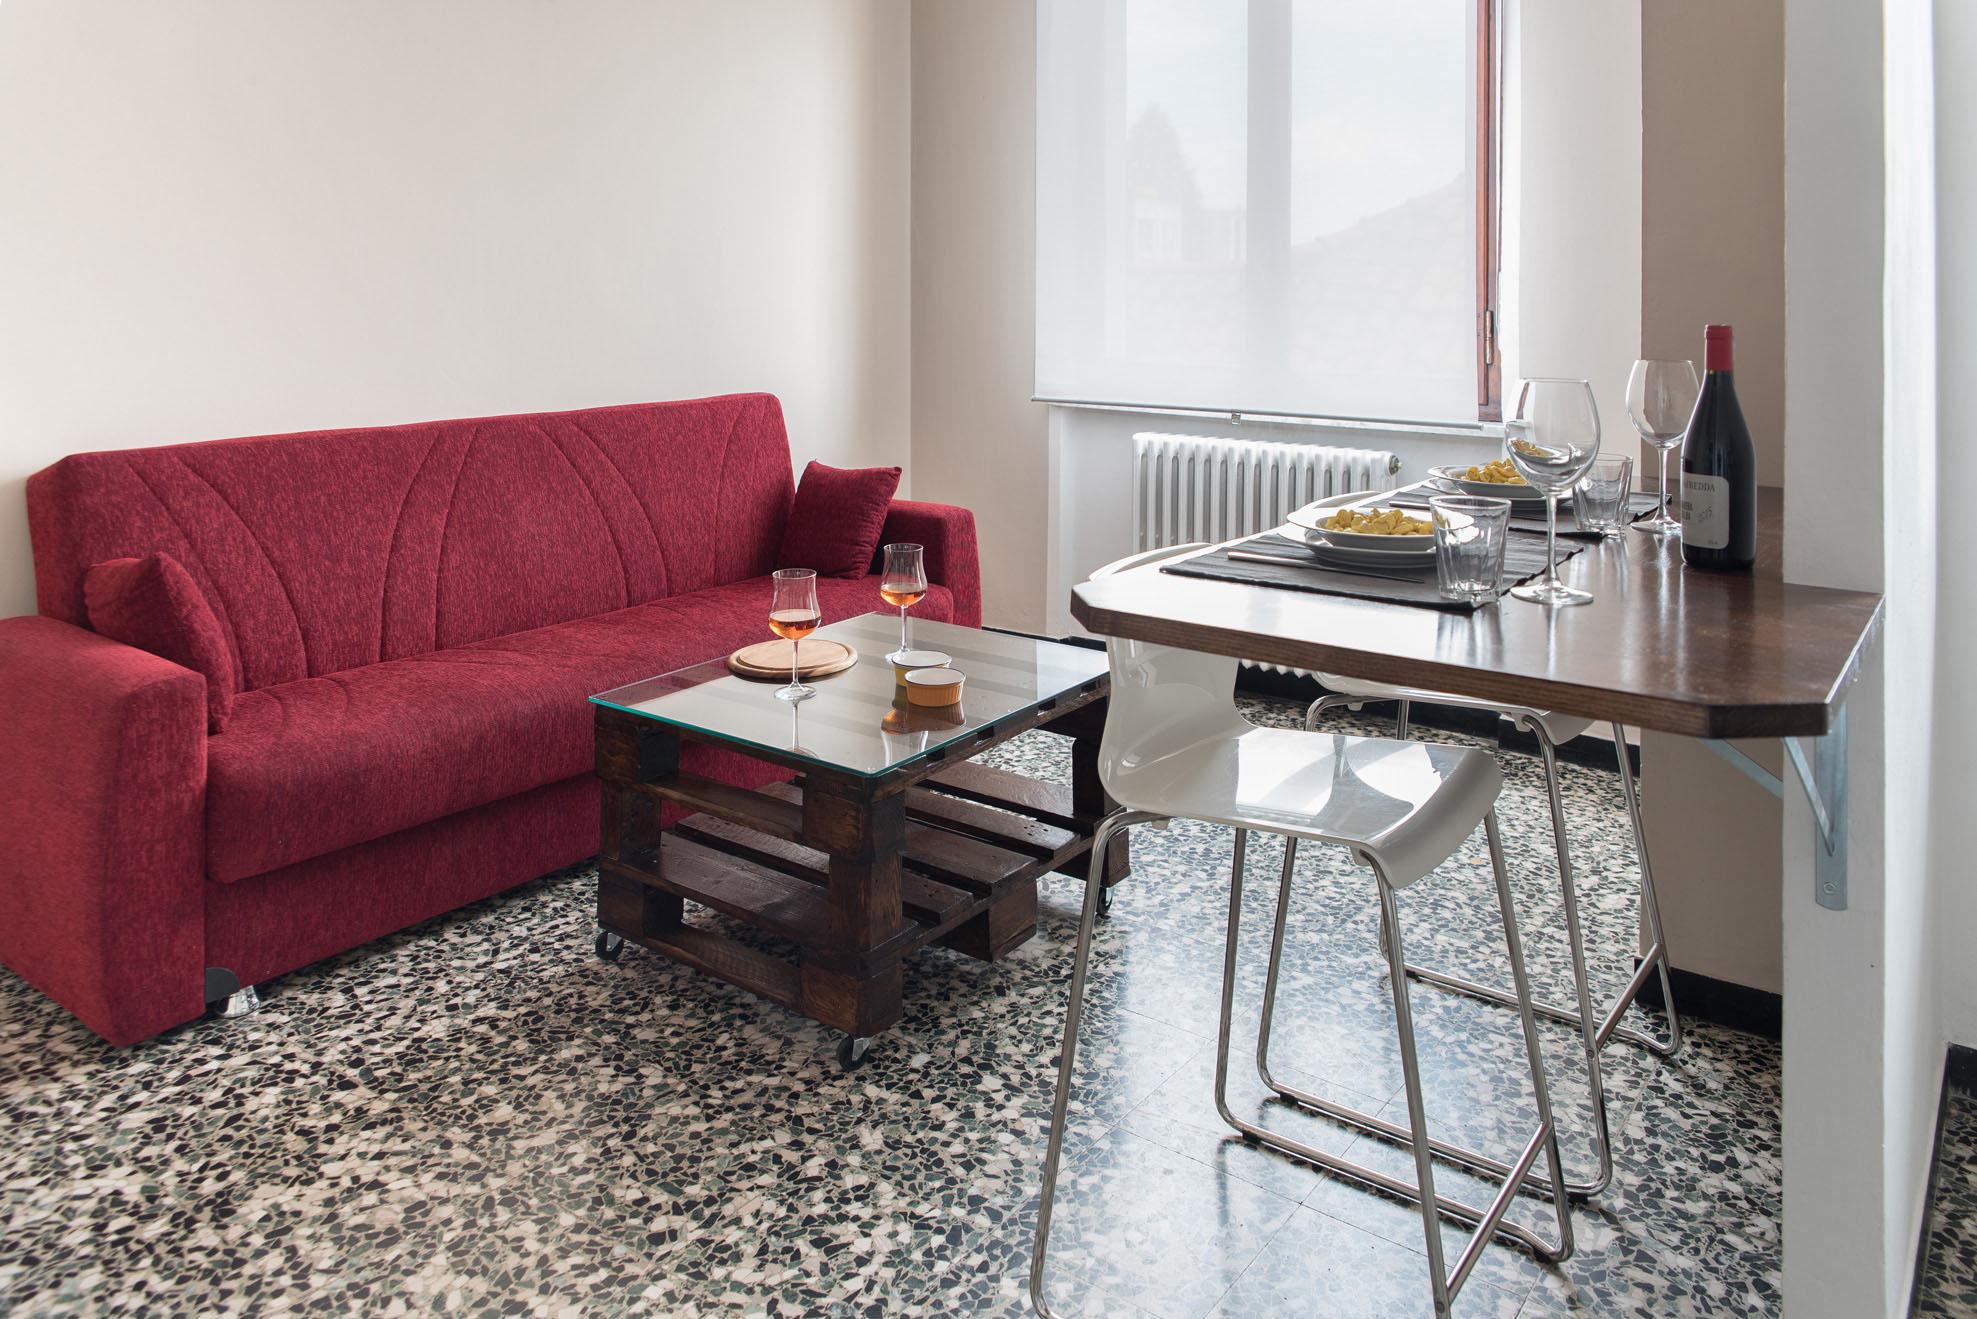 Architettura-Interni - DSC 6444 - Fotografo-Airbnb - Fotografo-Airbnb